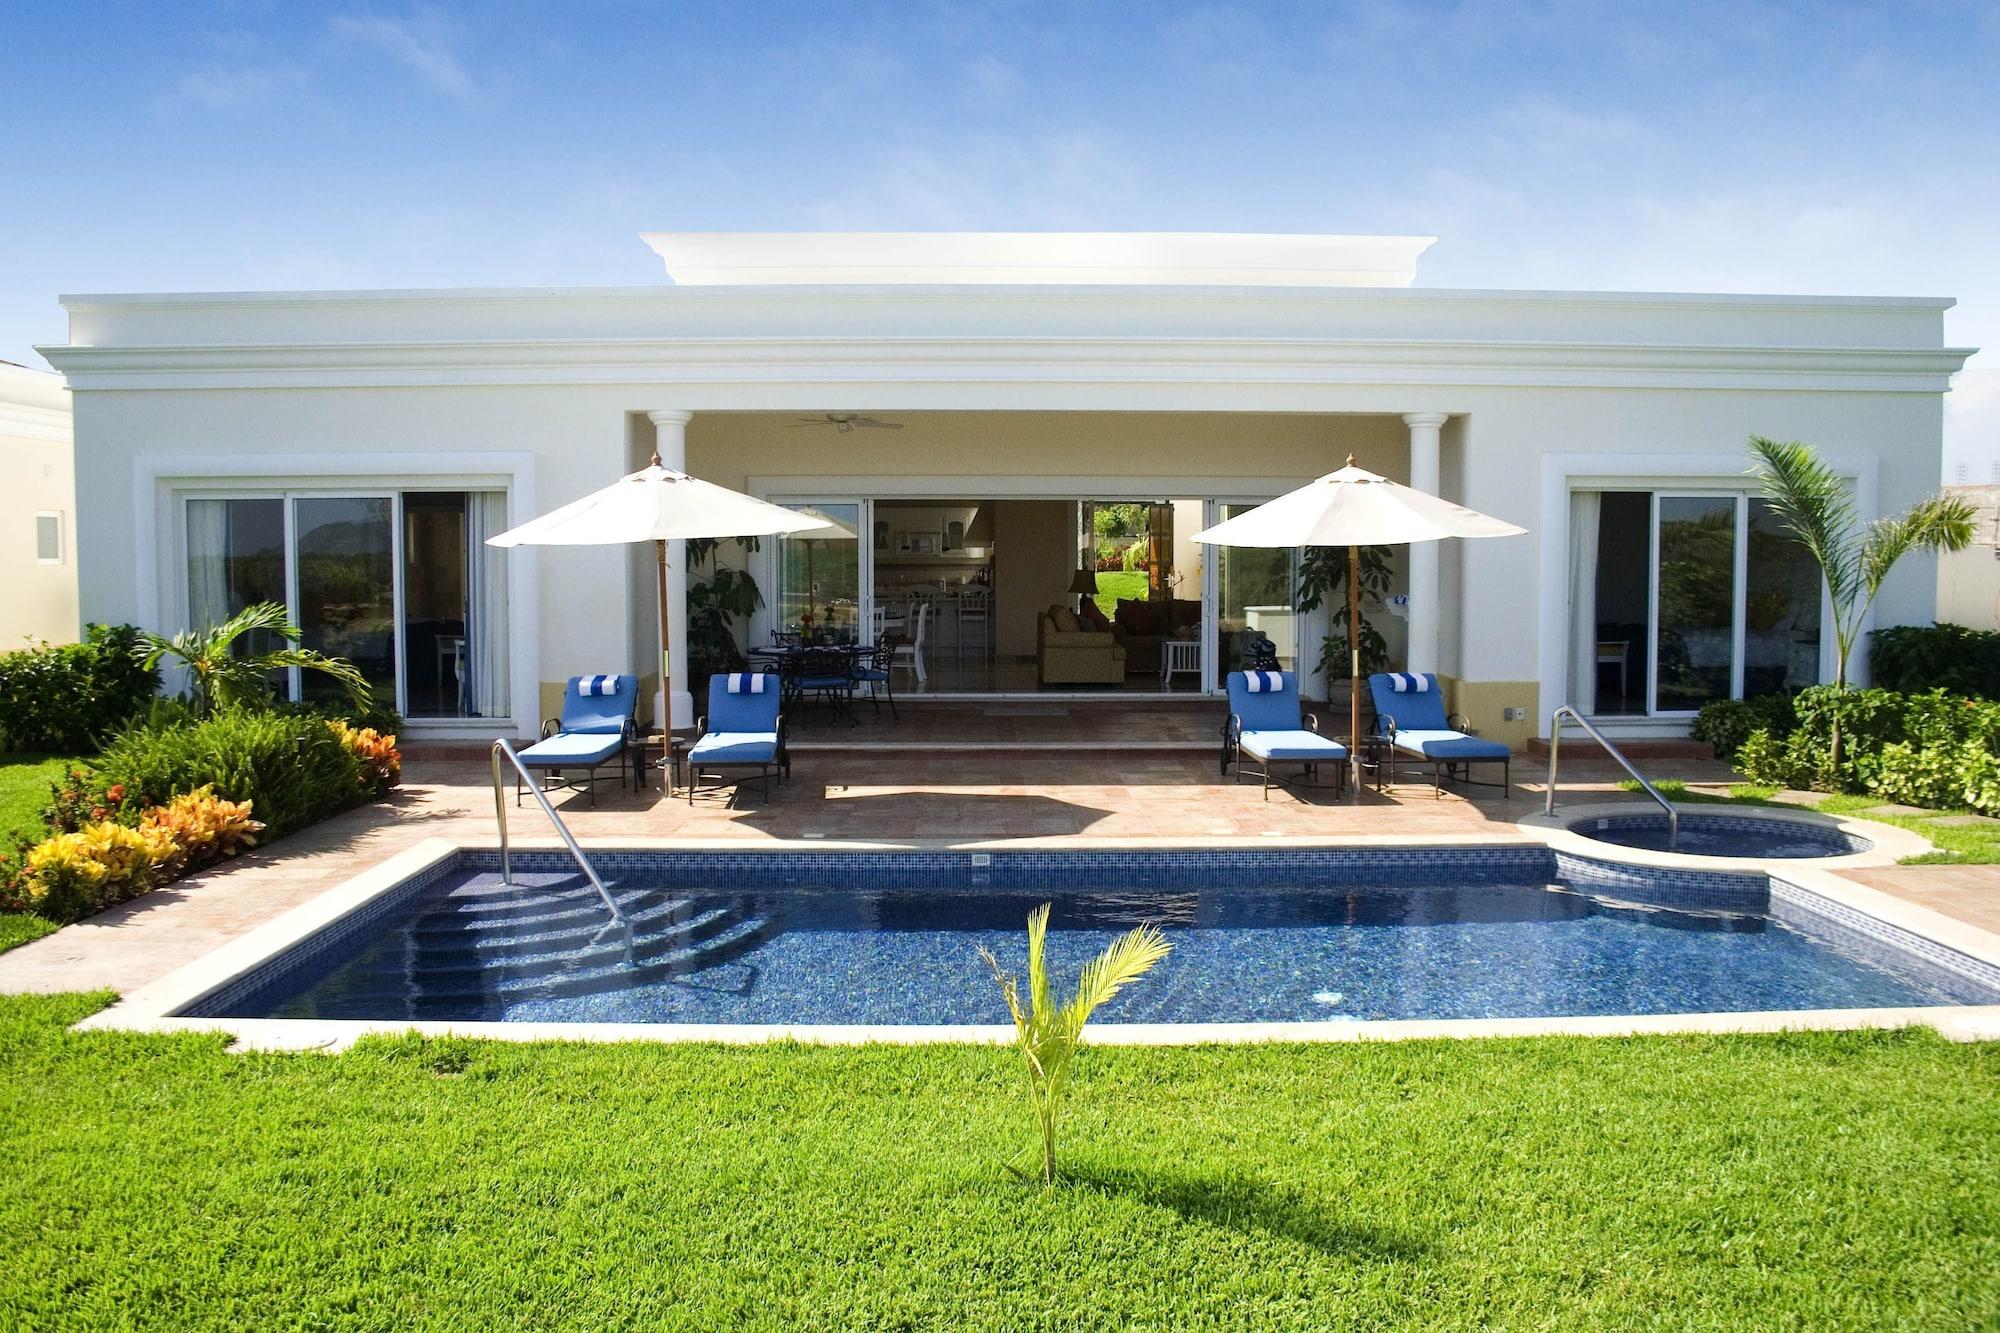 Pueblo Bonito Emerald Luxury Villas & Spa - All Inclusive, Mazatlán